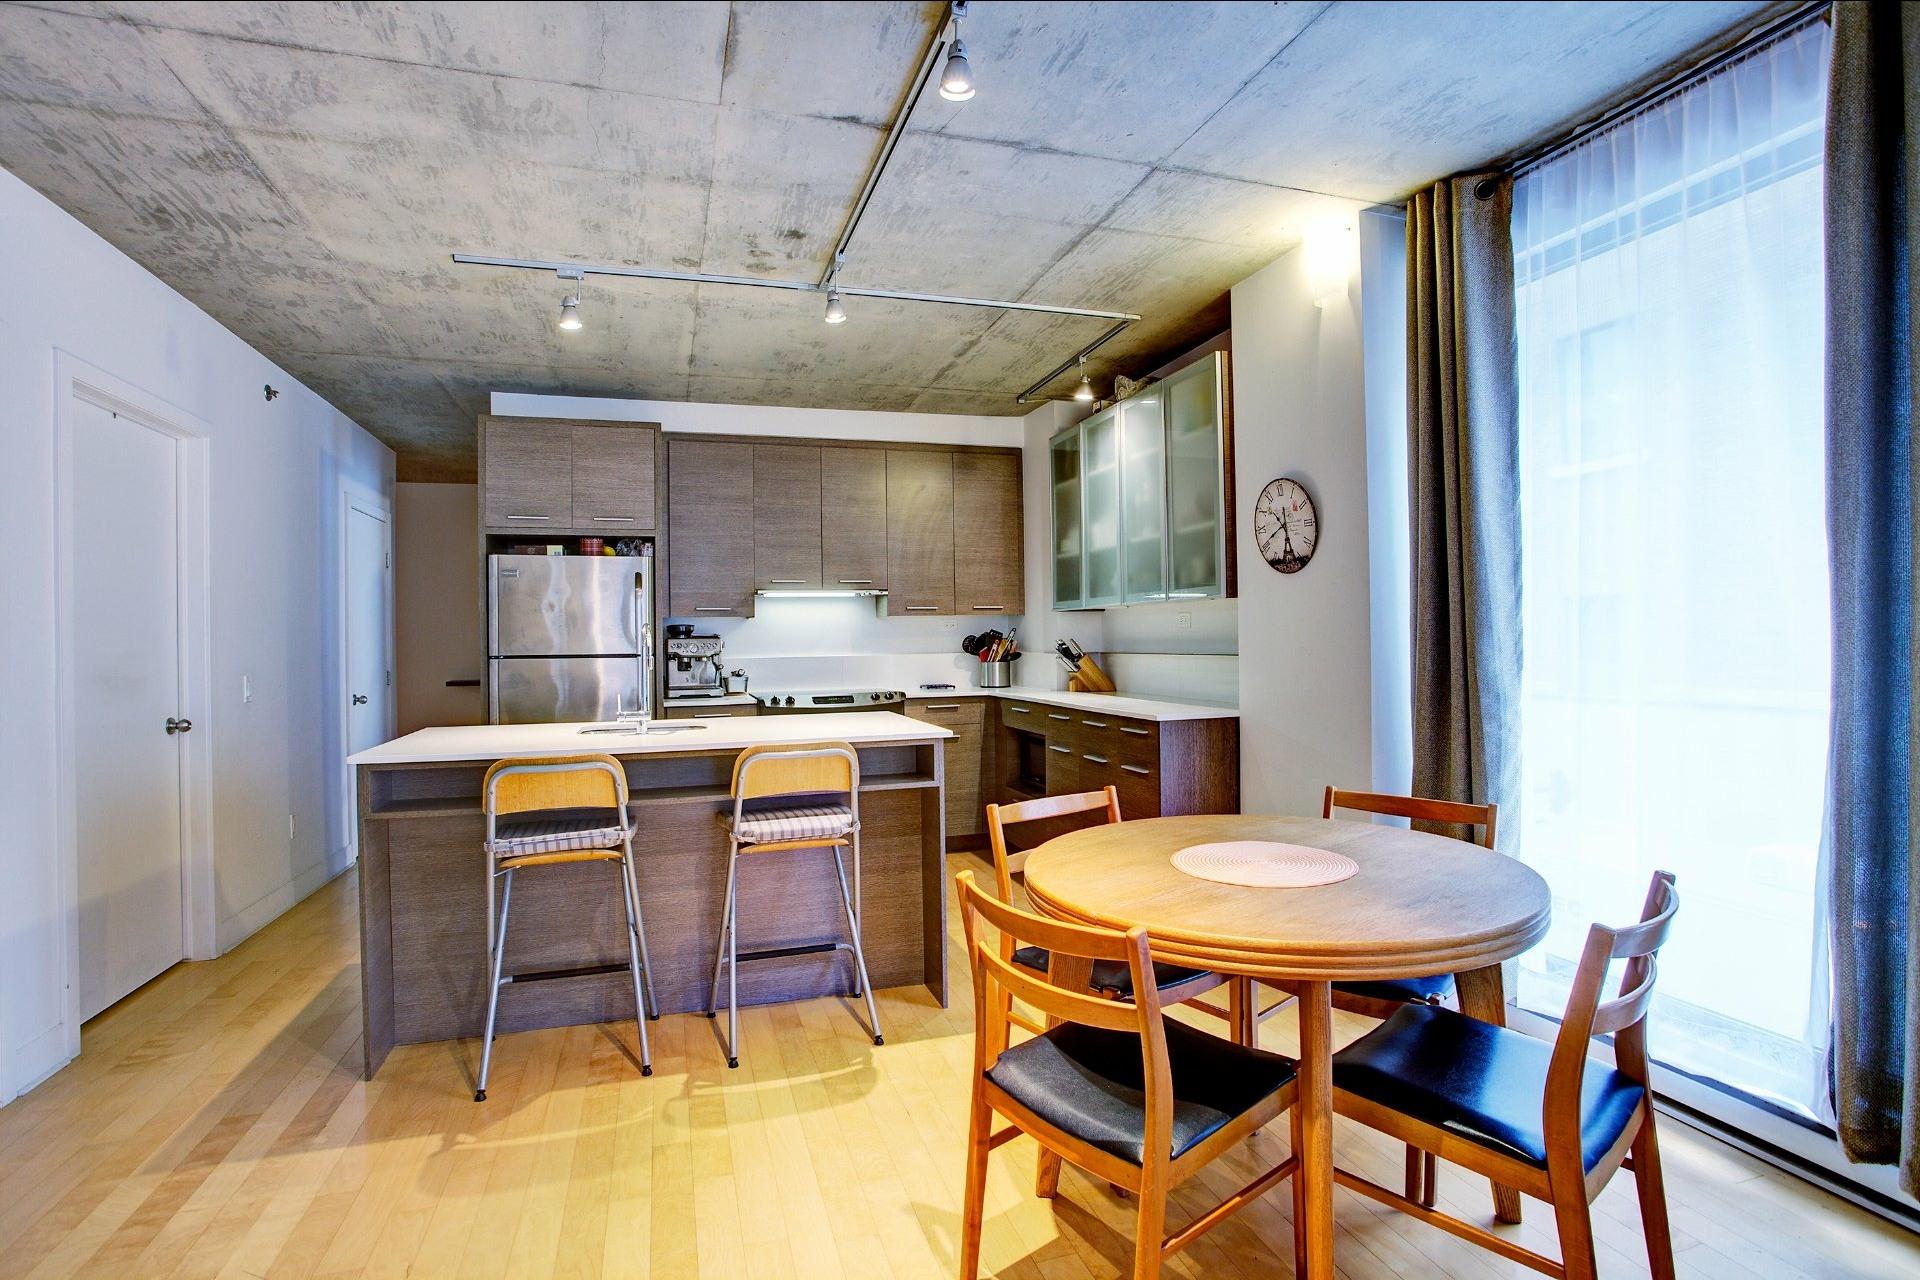 image 3 - 公寓 出售 Montréal Le Sud-Ouest  - 4 室